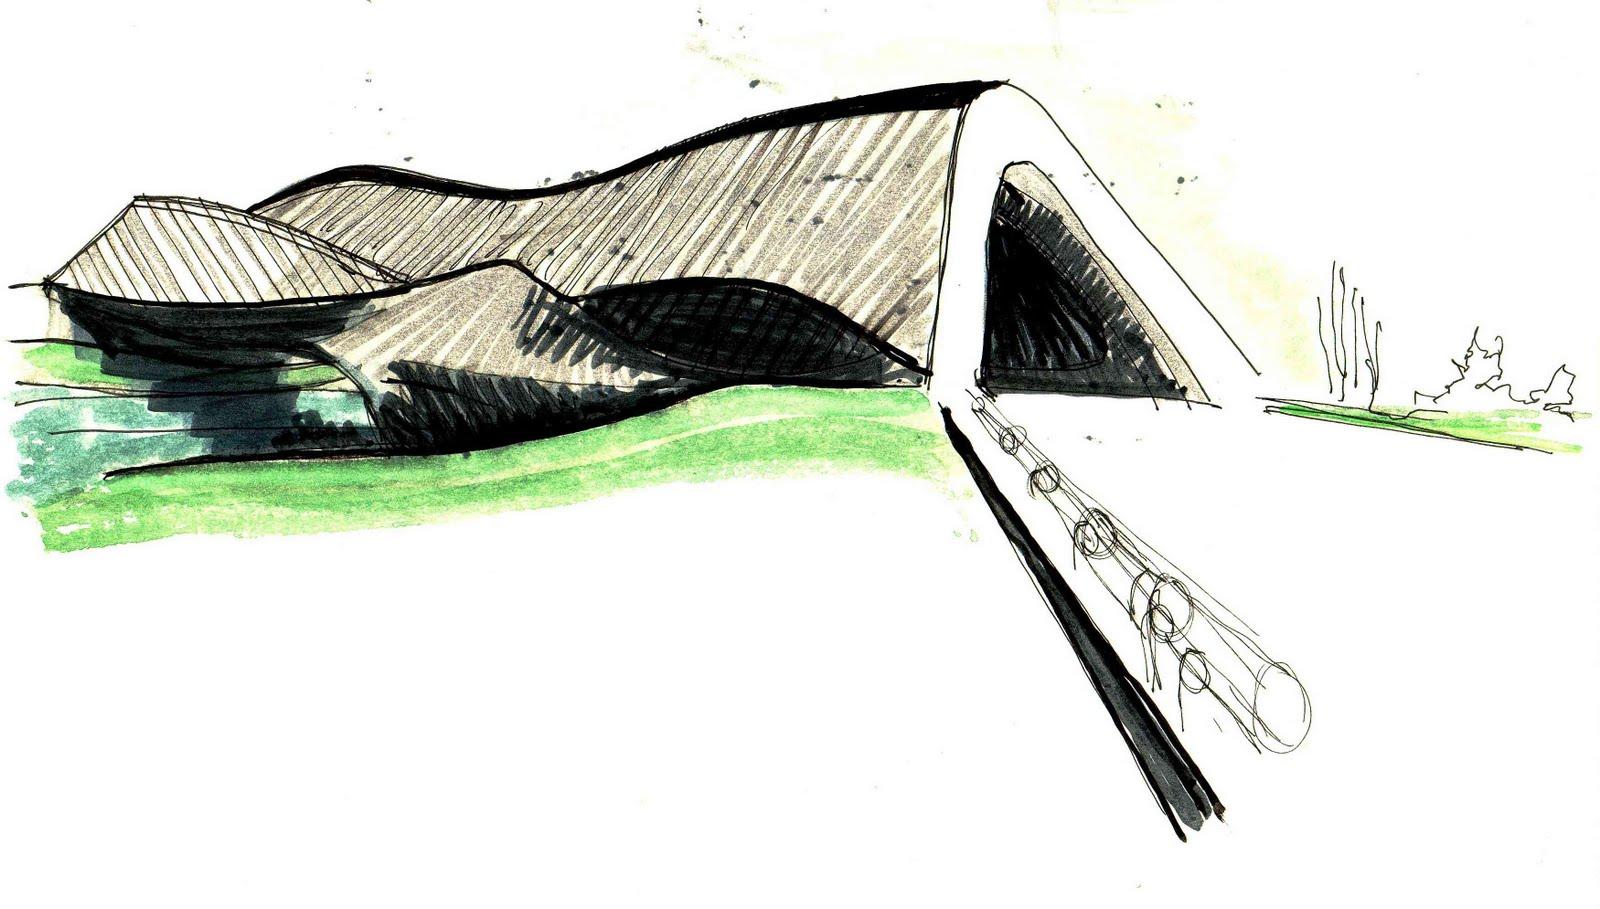 Dibujos De Mi Libreta: De Vuelta Con El Cuaderno: MI NUEVA LIBRETA